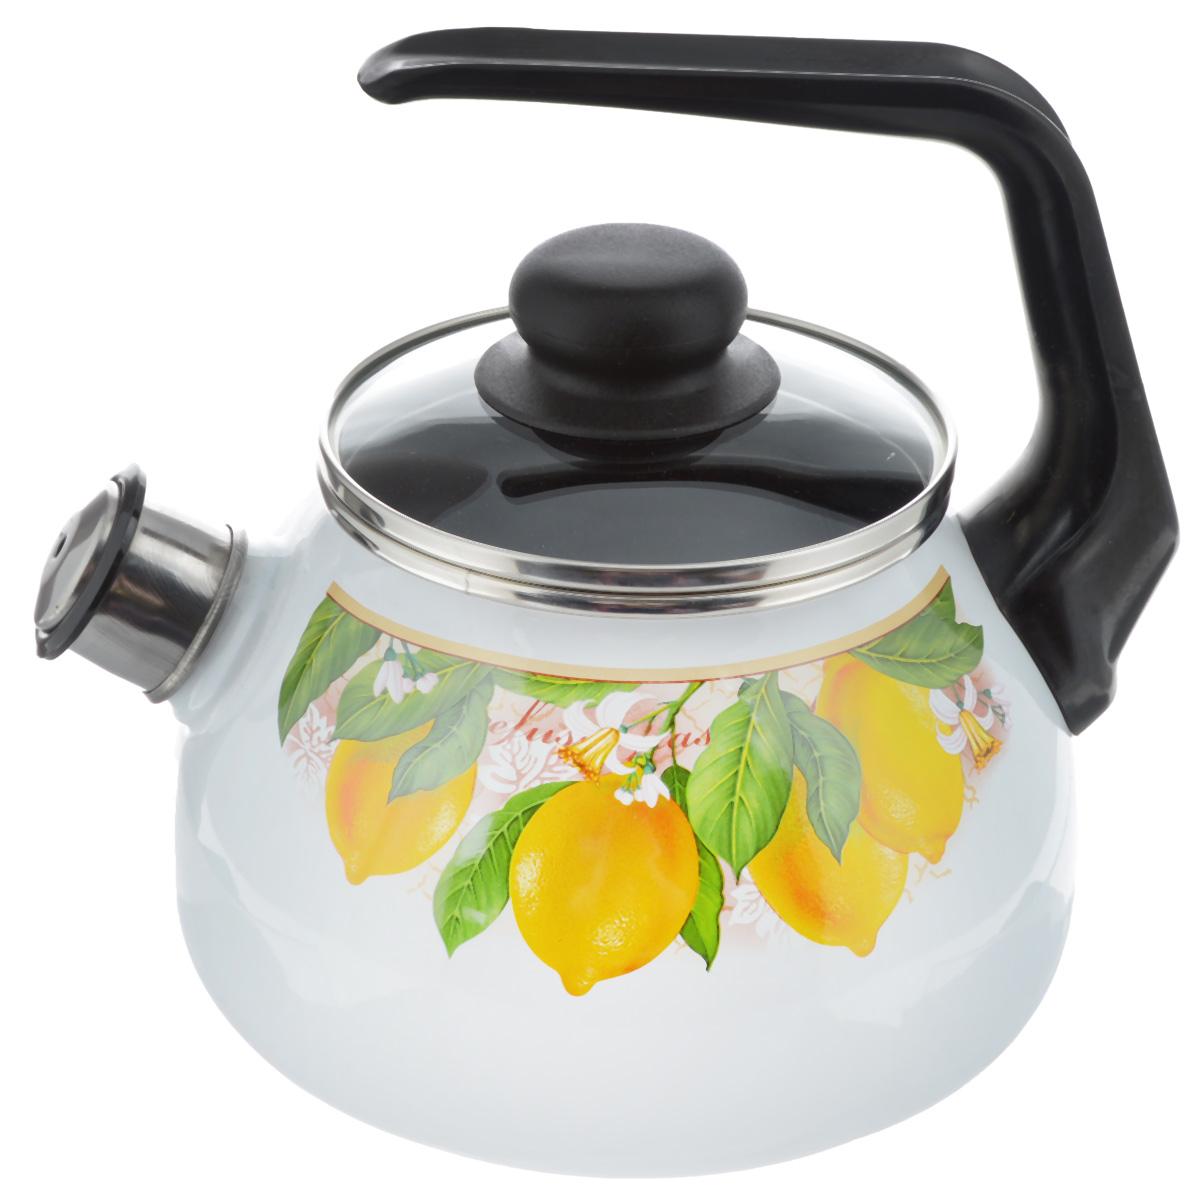 Чайник эмалированный Vitross Limon, со свистком, 2 л1RA12Чайник эмалированный Vitross Limon изготовлен из высококачественного стального проката со стеклокерамическим эмалевым покрытием. Корпус оформлен красочным цветочным рисунком. Стеклокерамика инертна и устойчива к пищевым кислотам, не вступает во взаимодействие с продуктами и не искажает их вкусовые качества. Прочный стальной корпус обеспечивает эффективную тепловую обработку пищевых продуктов и не деформируется в процессе эксплуатации. Чайник оснащен удобной пластиковой ручкой черного цвета. Крышка чайника выполнена из стекла. Носик чайника с насадкой-свистком позволит вам контролировать процесс подогрева или кипячения воды. Чайник пригоден для использования на всех видах плит, включая индукционные. Можно мыть в посудомоечной машине. Диаметр (по верхнему краю): 12,5 см. Высота чайника (с учетом ручки): 21 см. Высота чайника (без учета ручки и крышки): 12,5 см.